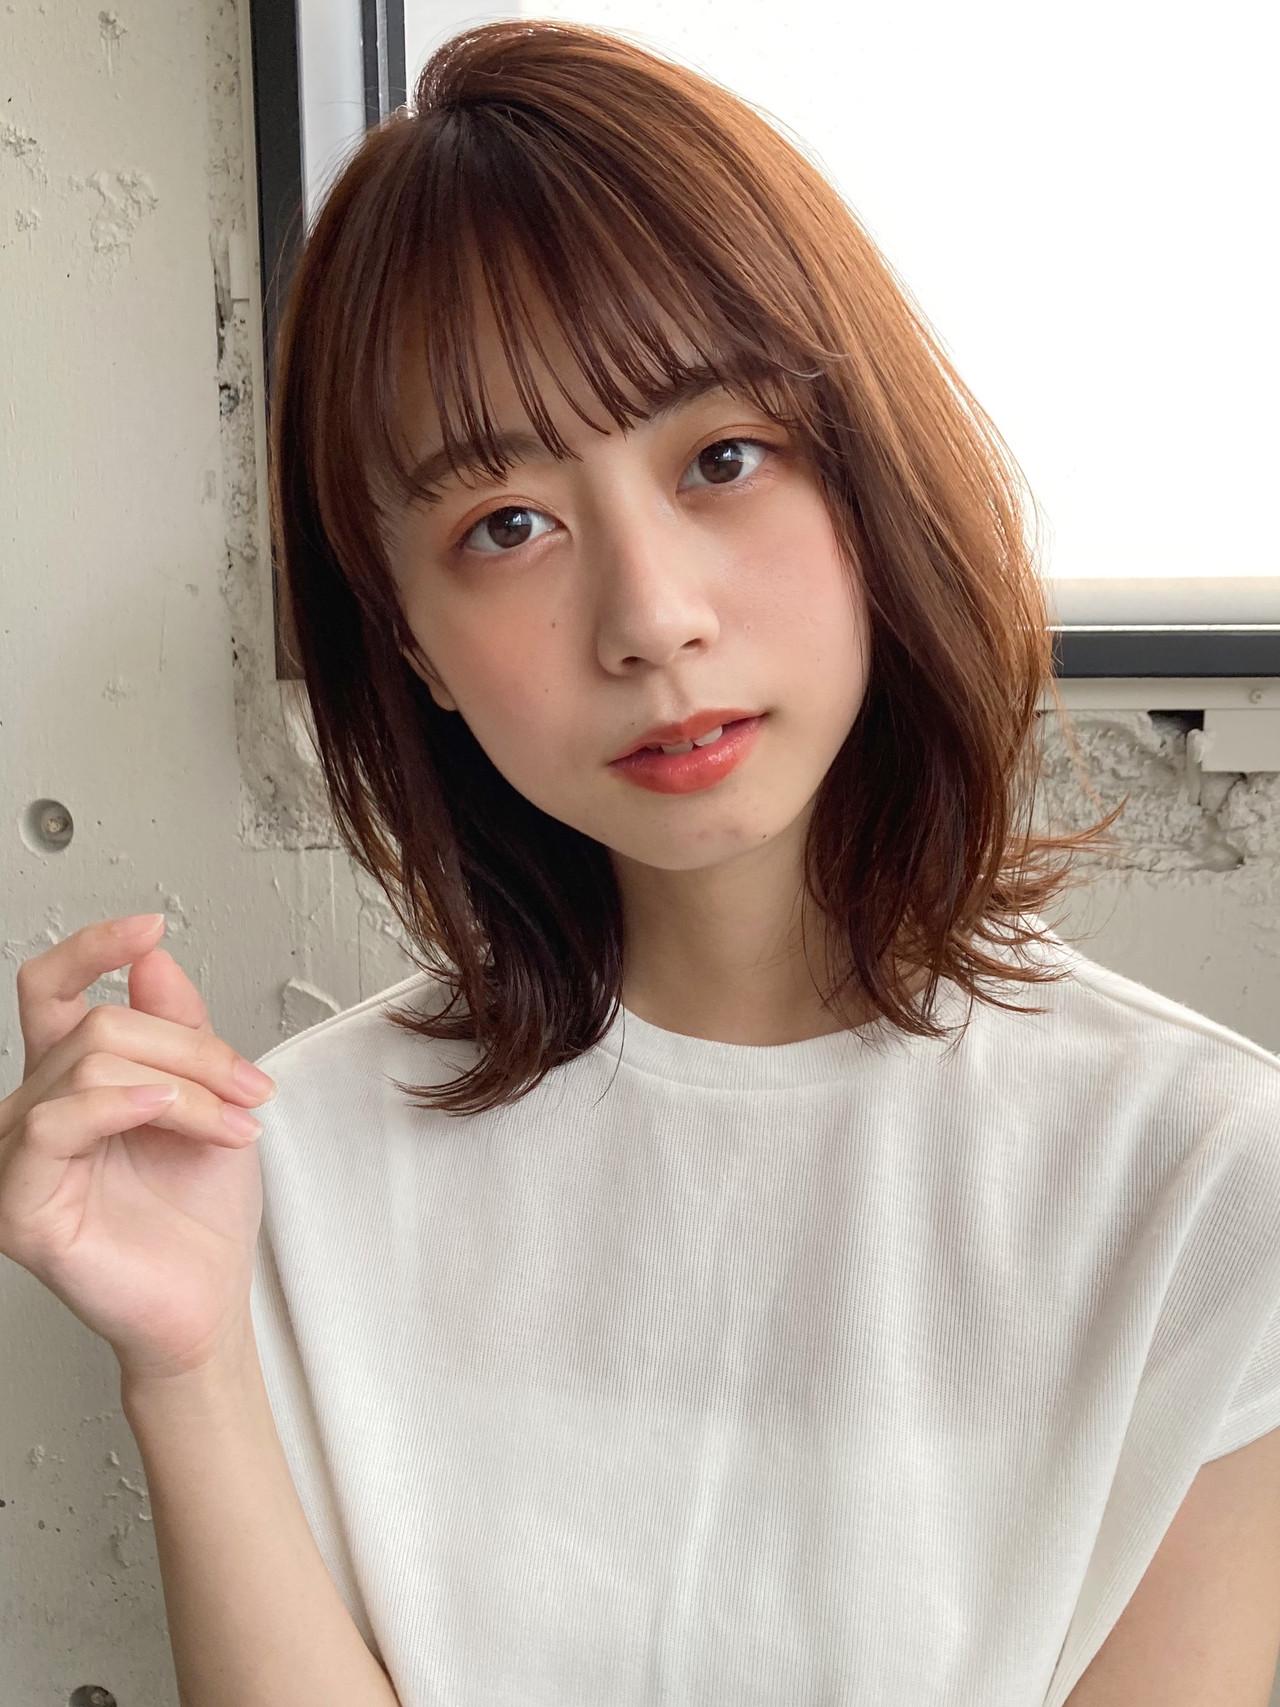 似合わせカット ミディアム ひし形シルエット デジタルパーマ ヘアスタイルや髪型の写真・画像